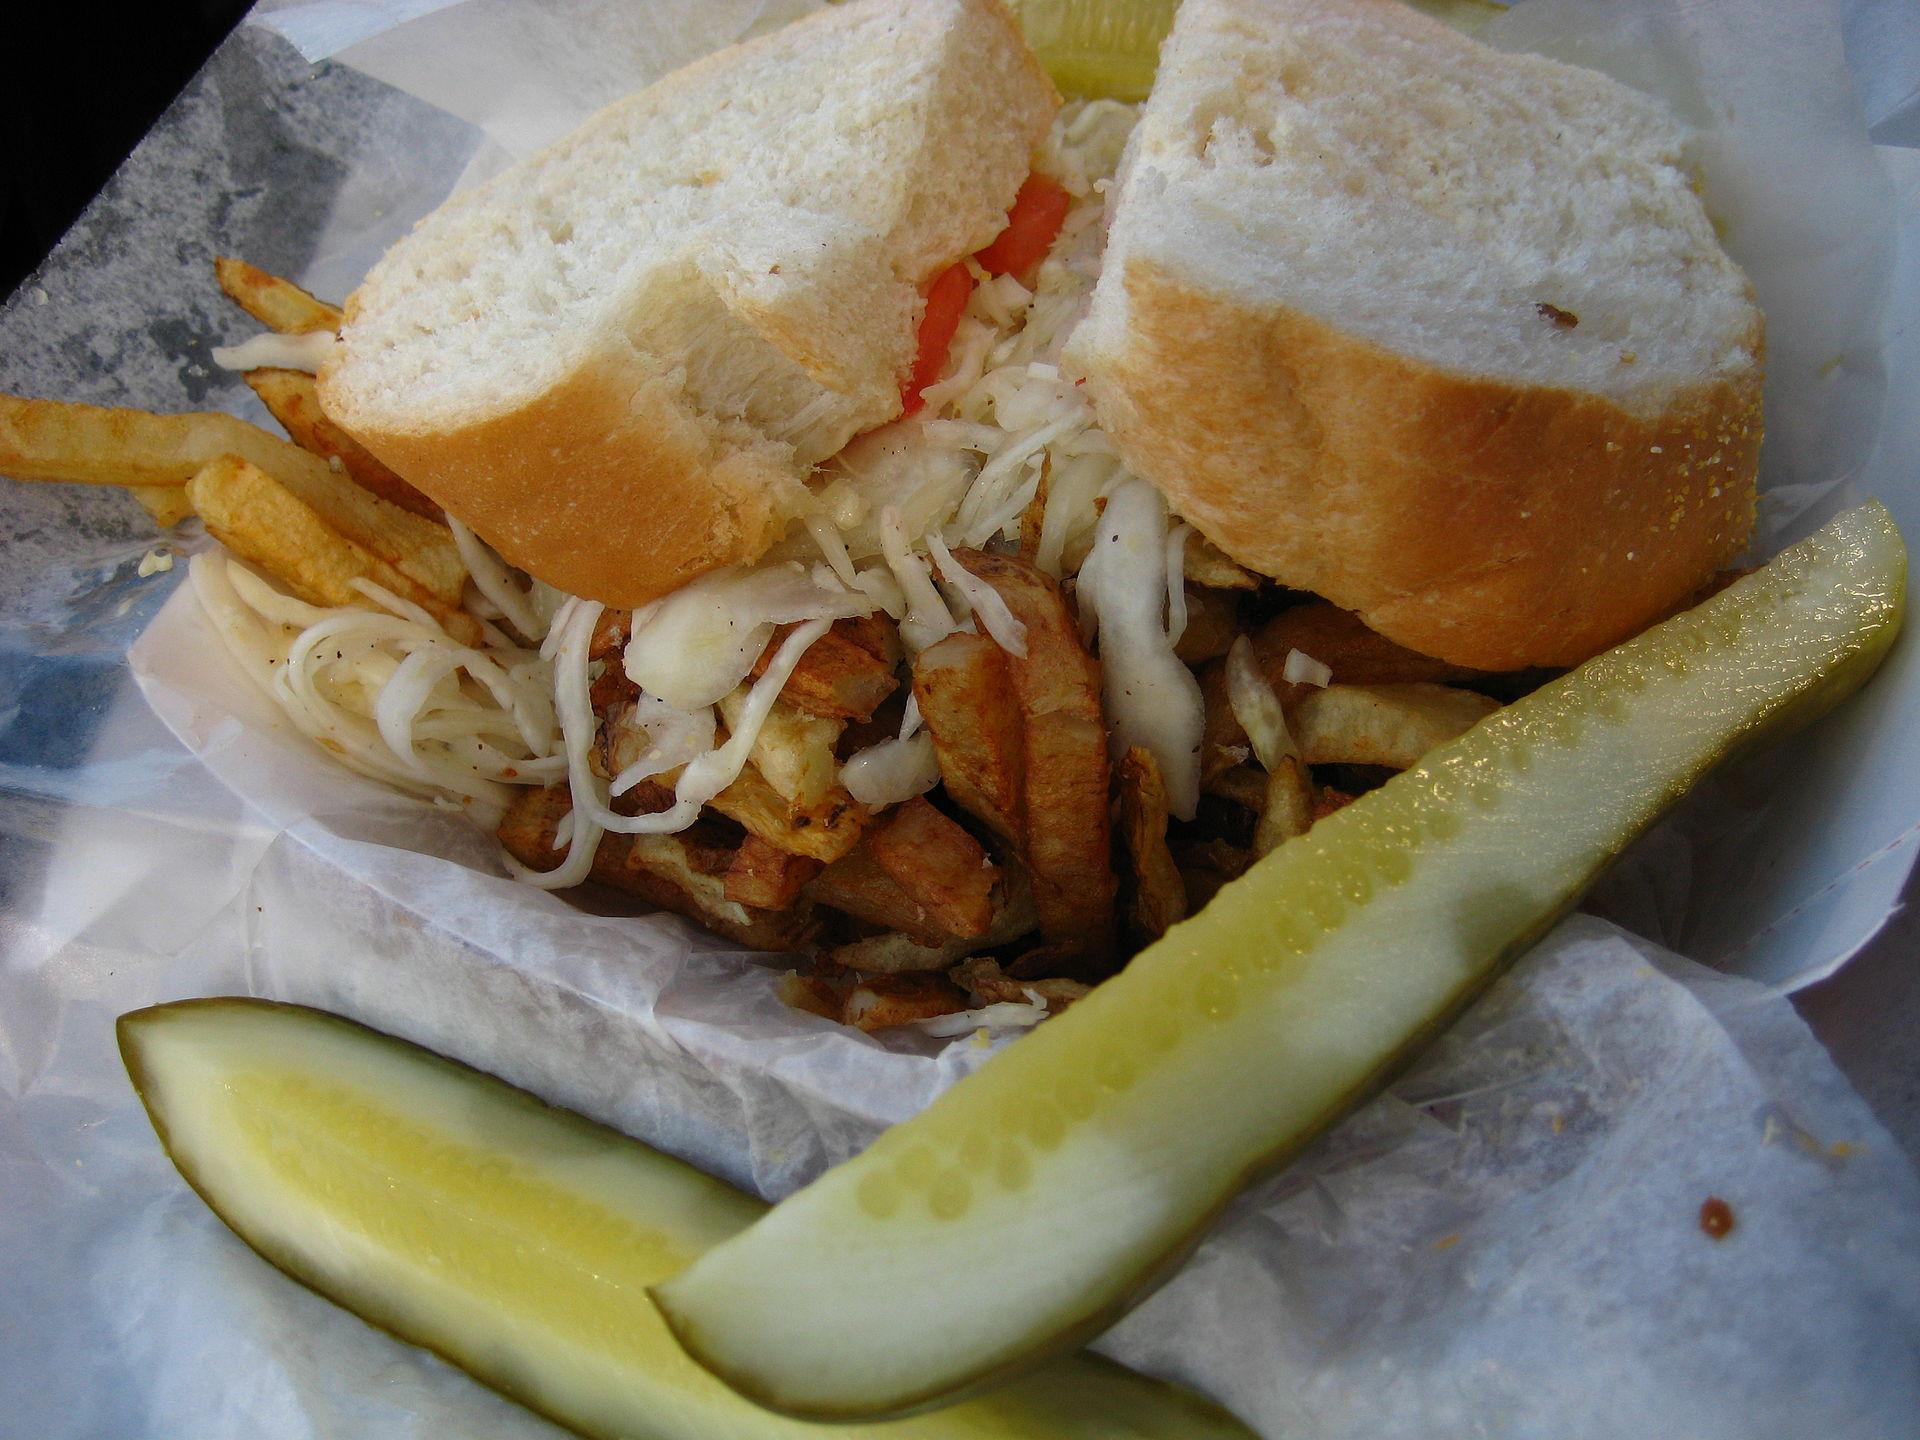 Primanti bros restaurant sandwich